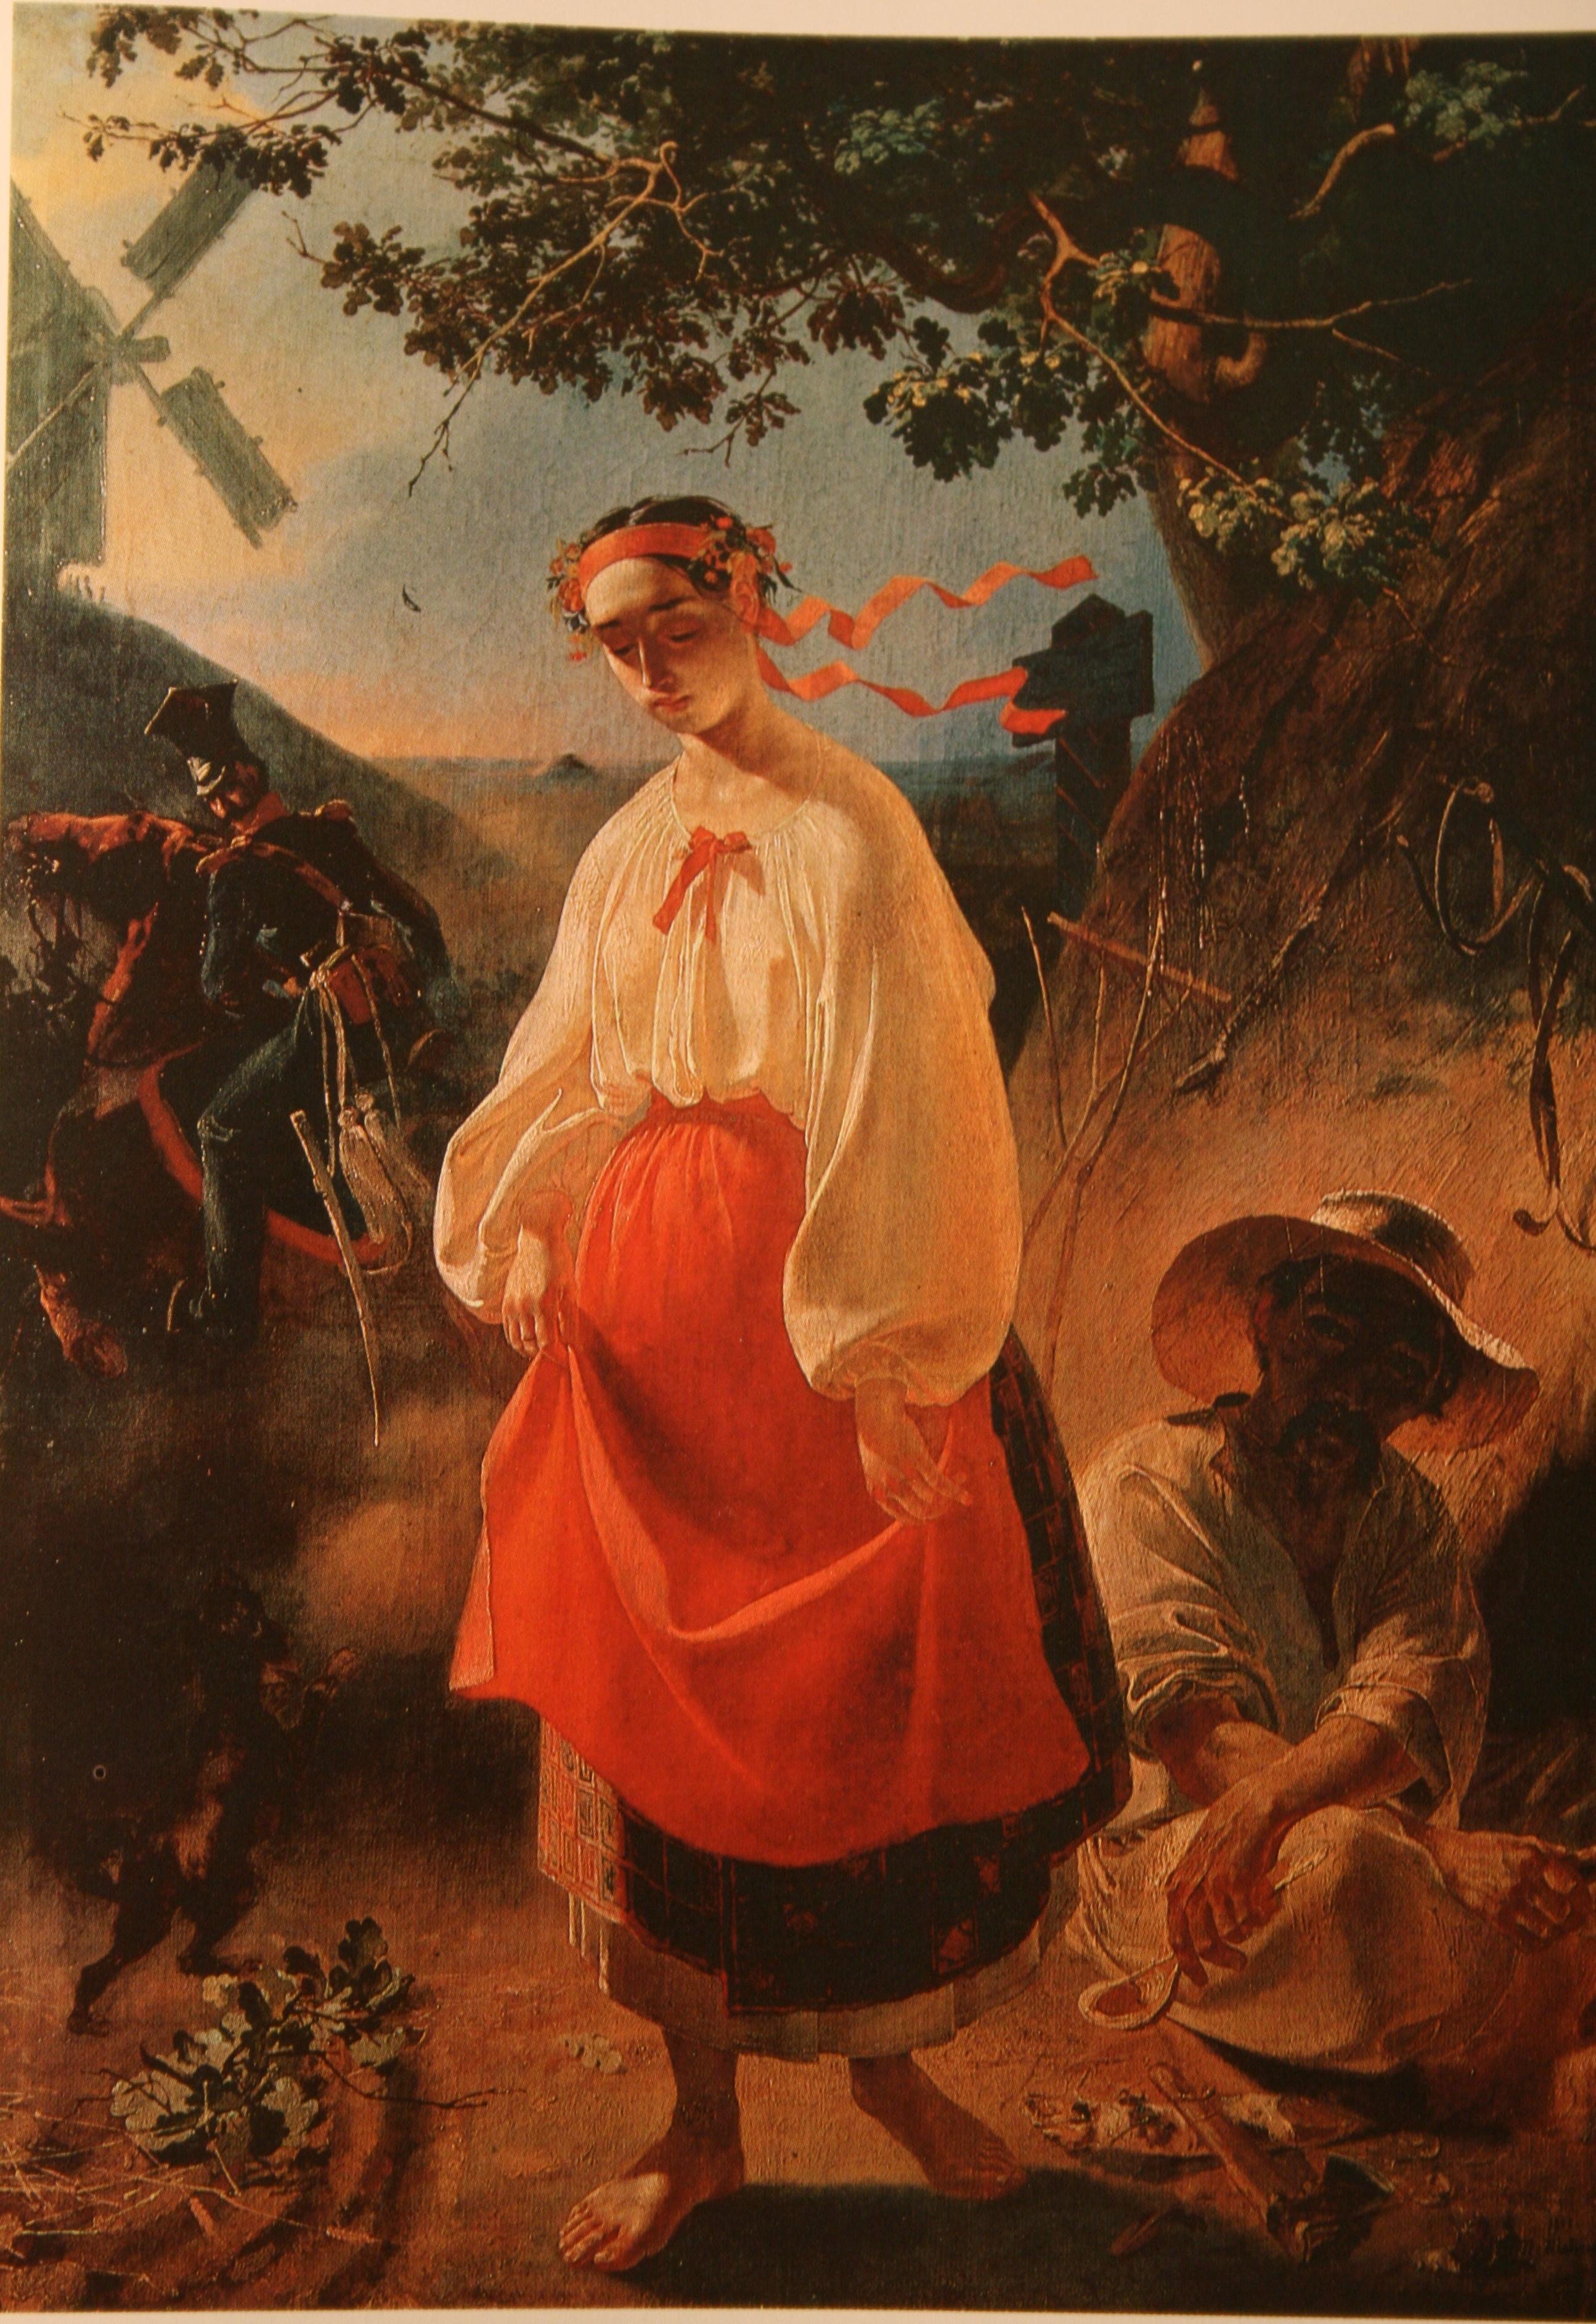 FileImageShevchenko Kateryna Olia 1842 largejpg Wikimedia Commons